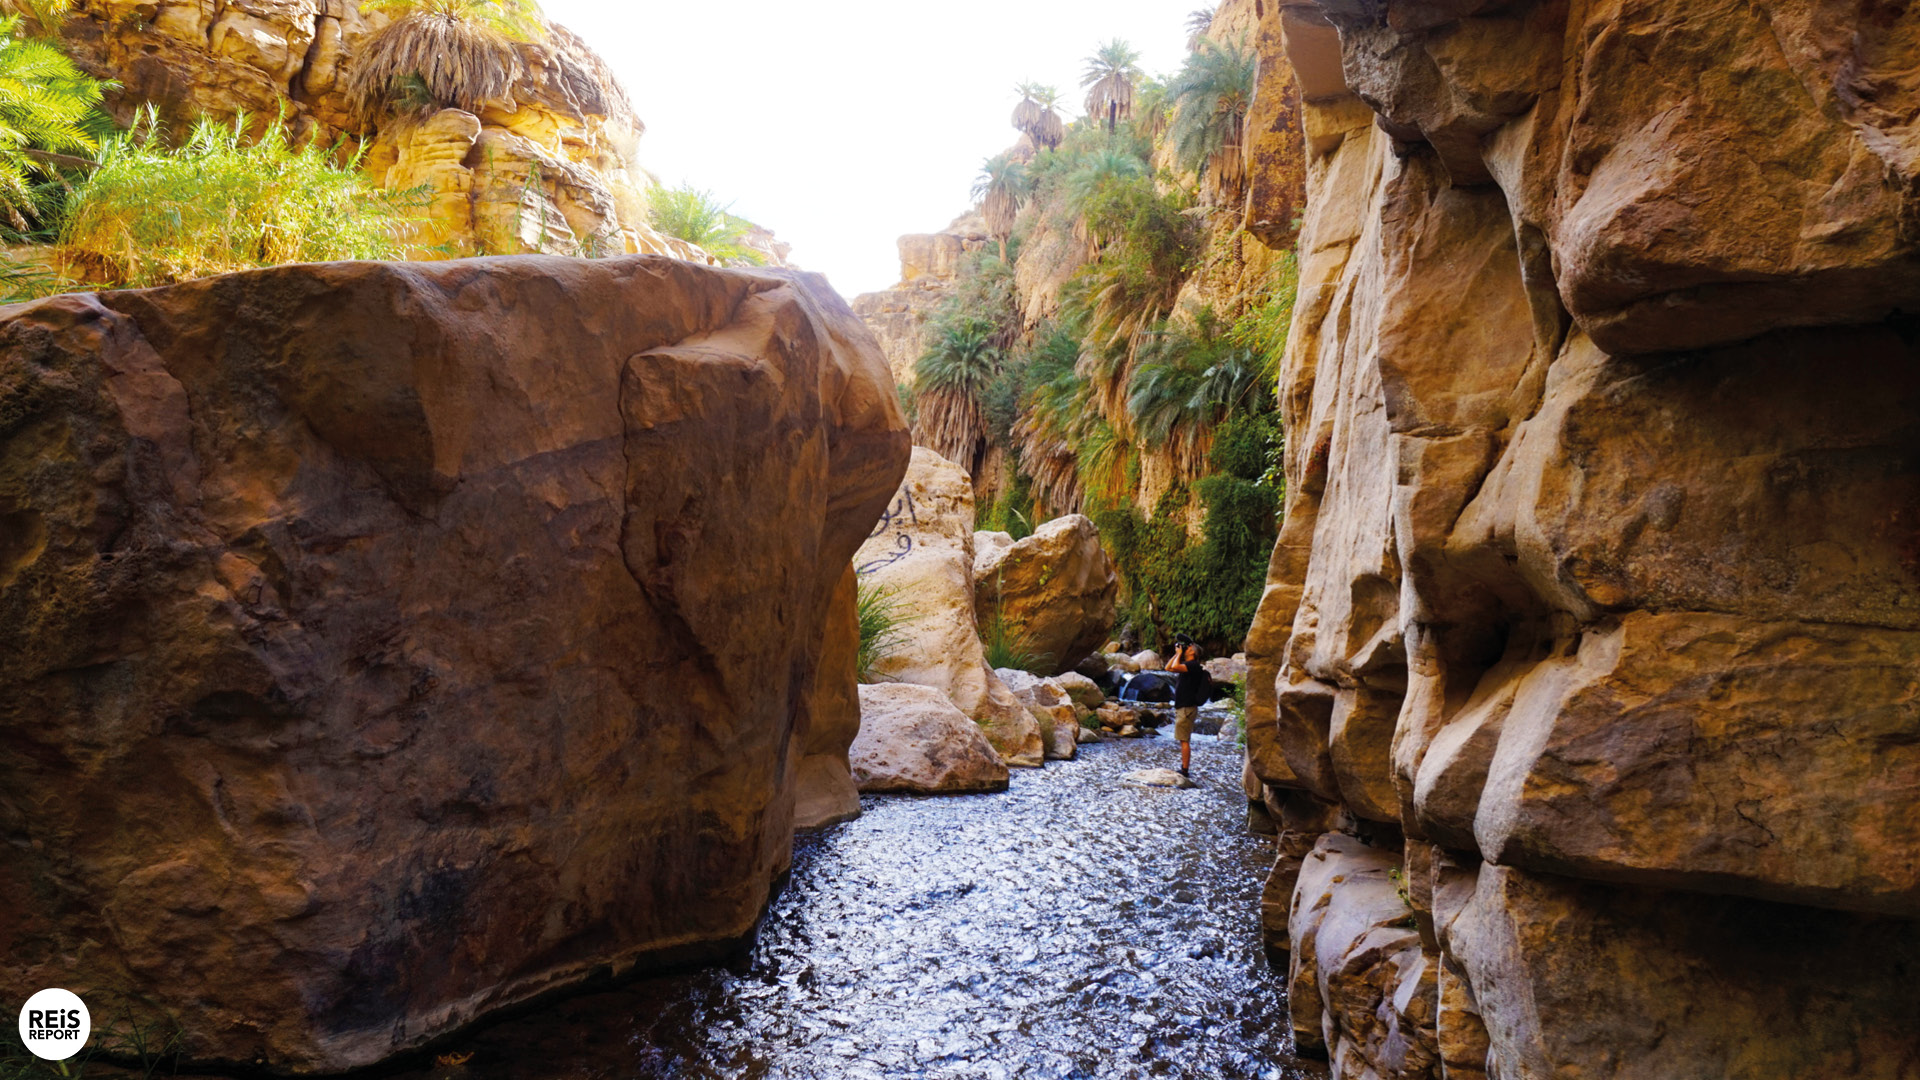 Wandeling met gids door het warme water van Wadi Bin Hammad cover